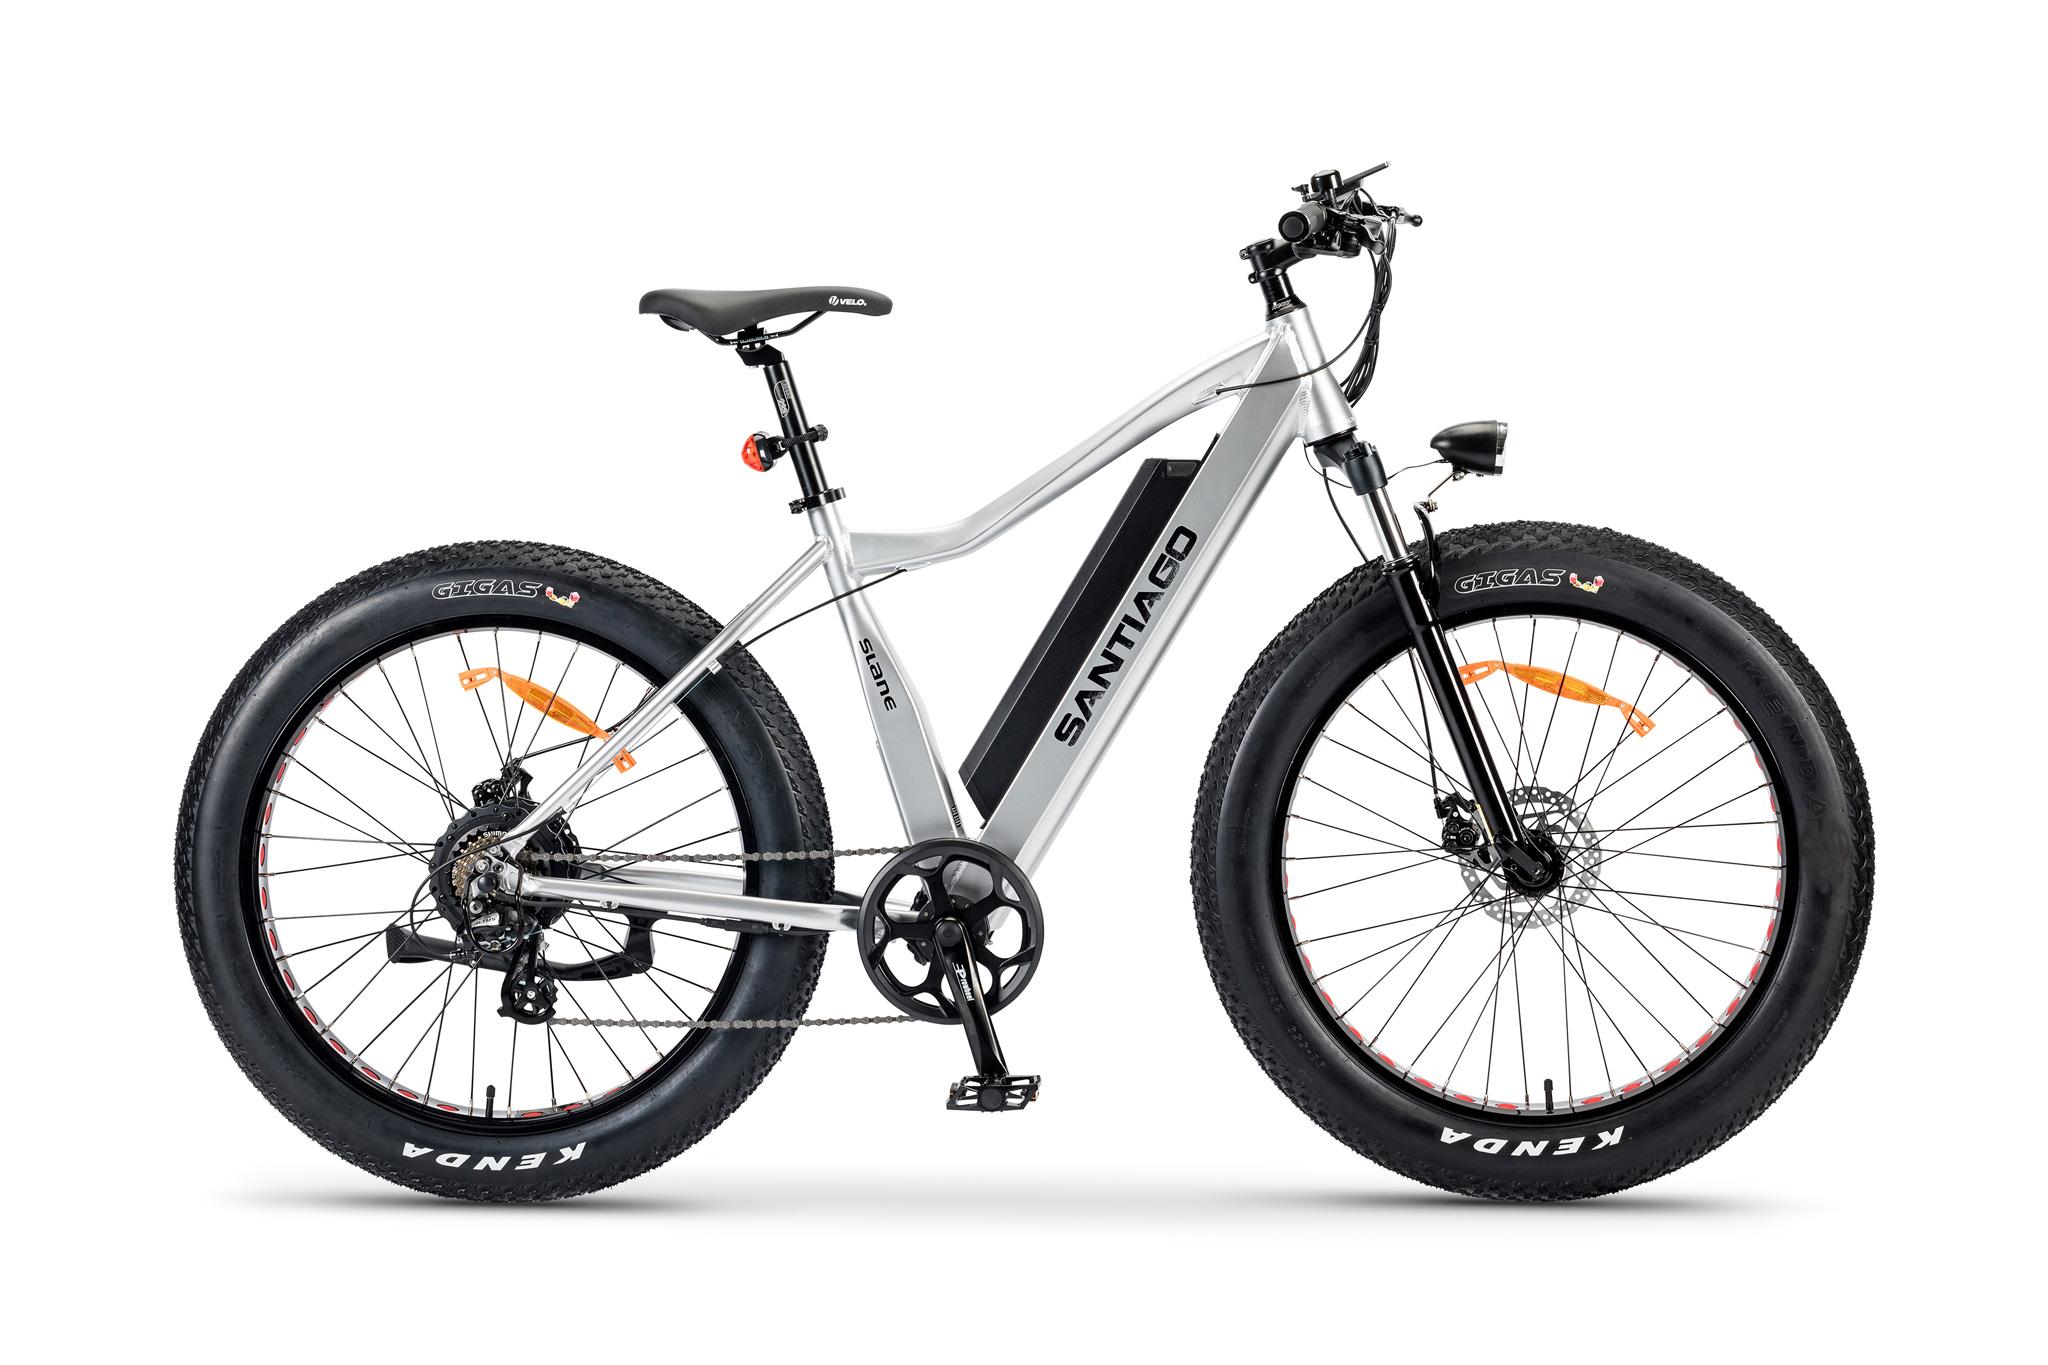 The Slane Santiago 3.0 Fat Tire E-Bike in Silver